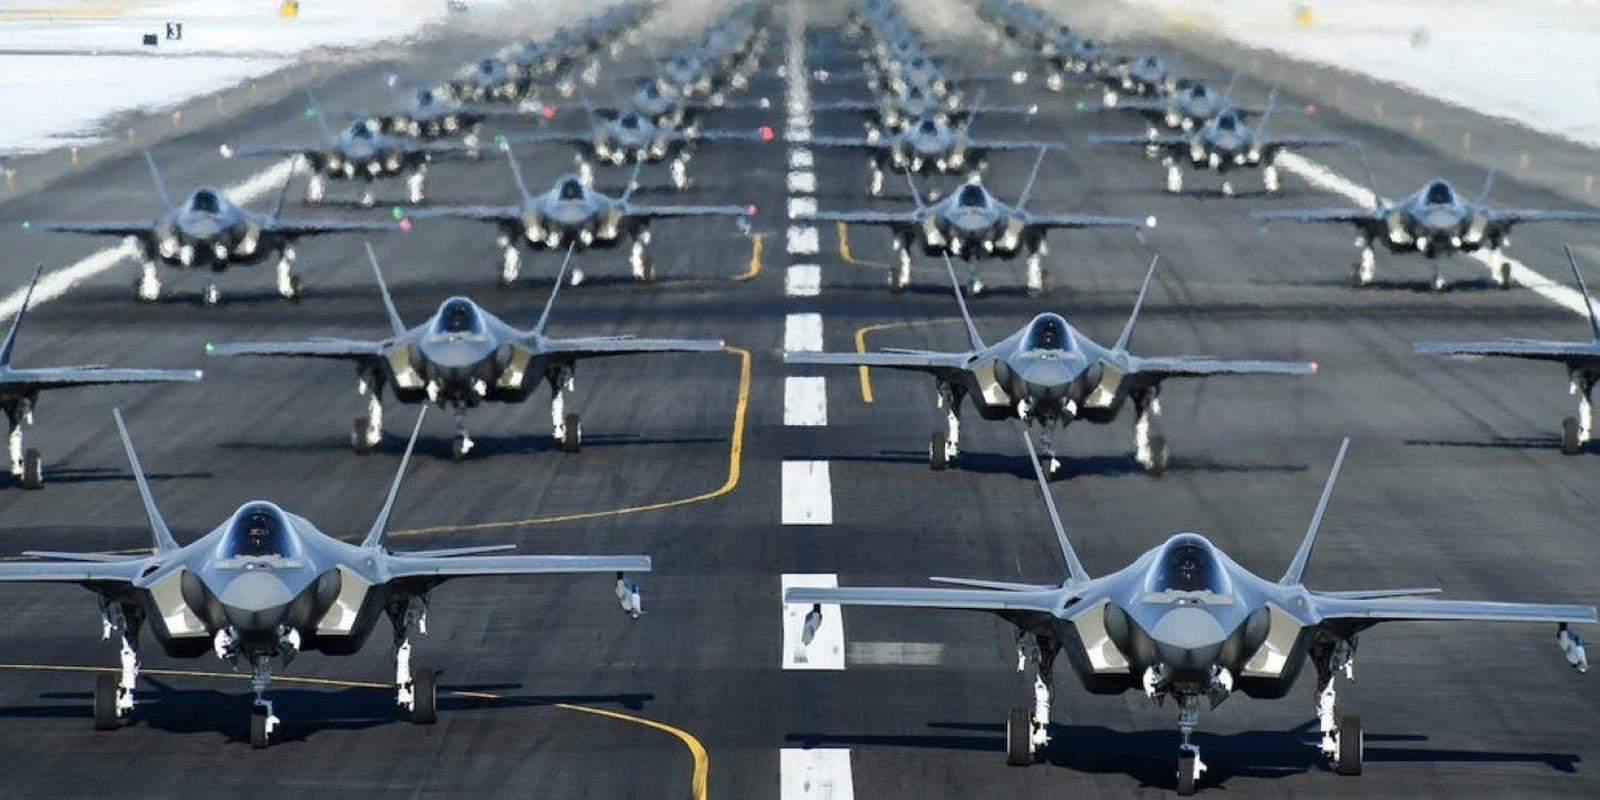 Bat ngo: Khong quan My dang co nhieu F-35 hon ca F-15 va F-10